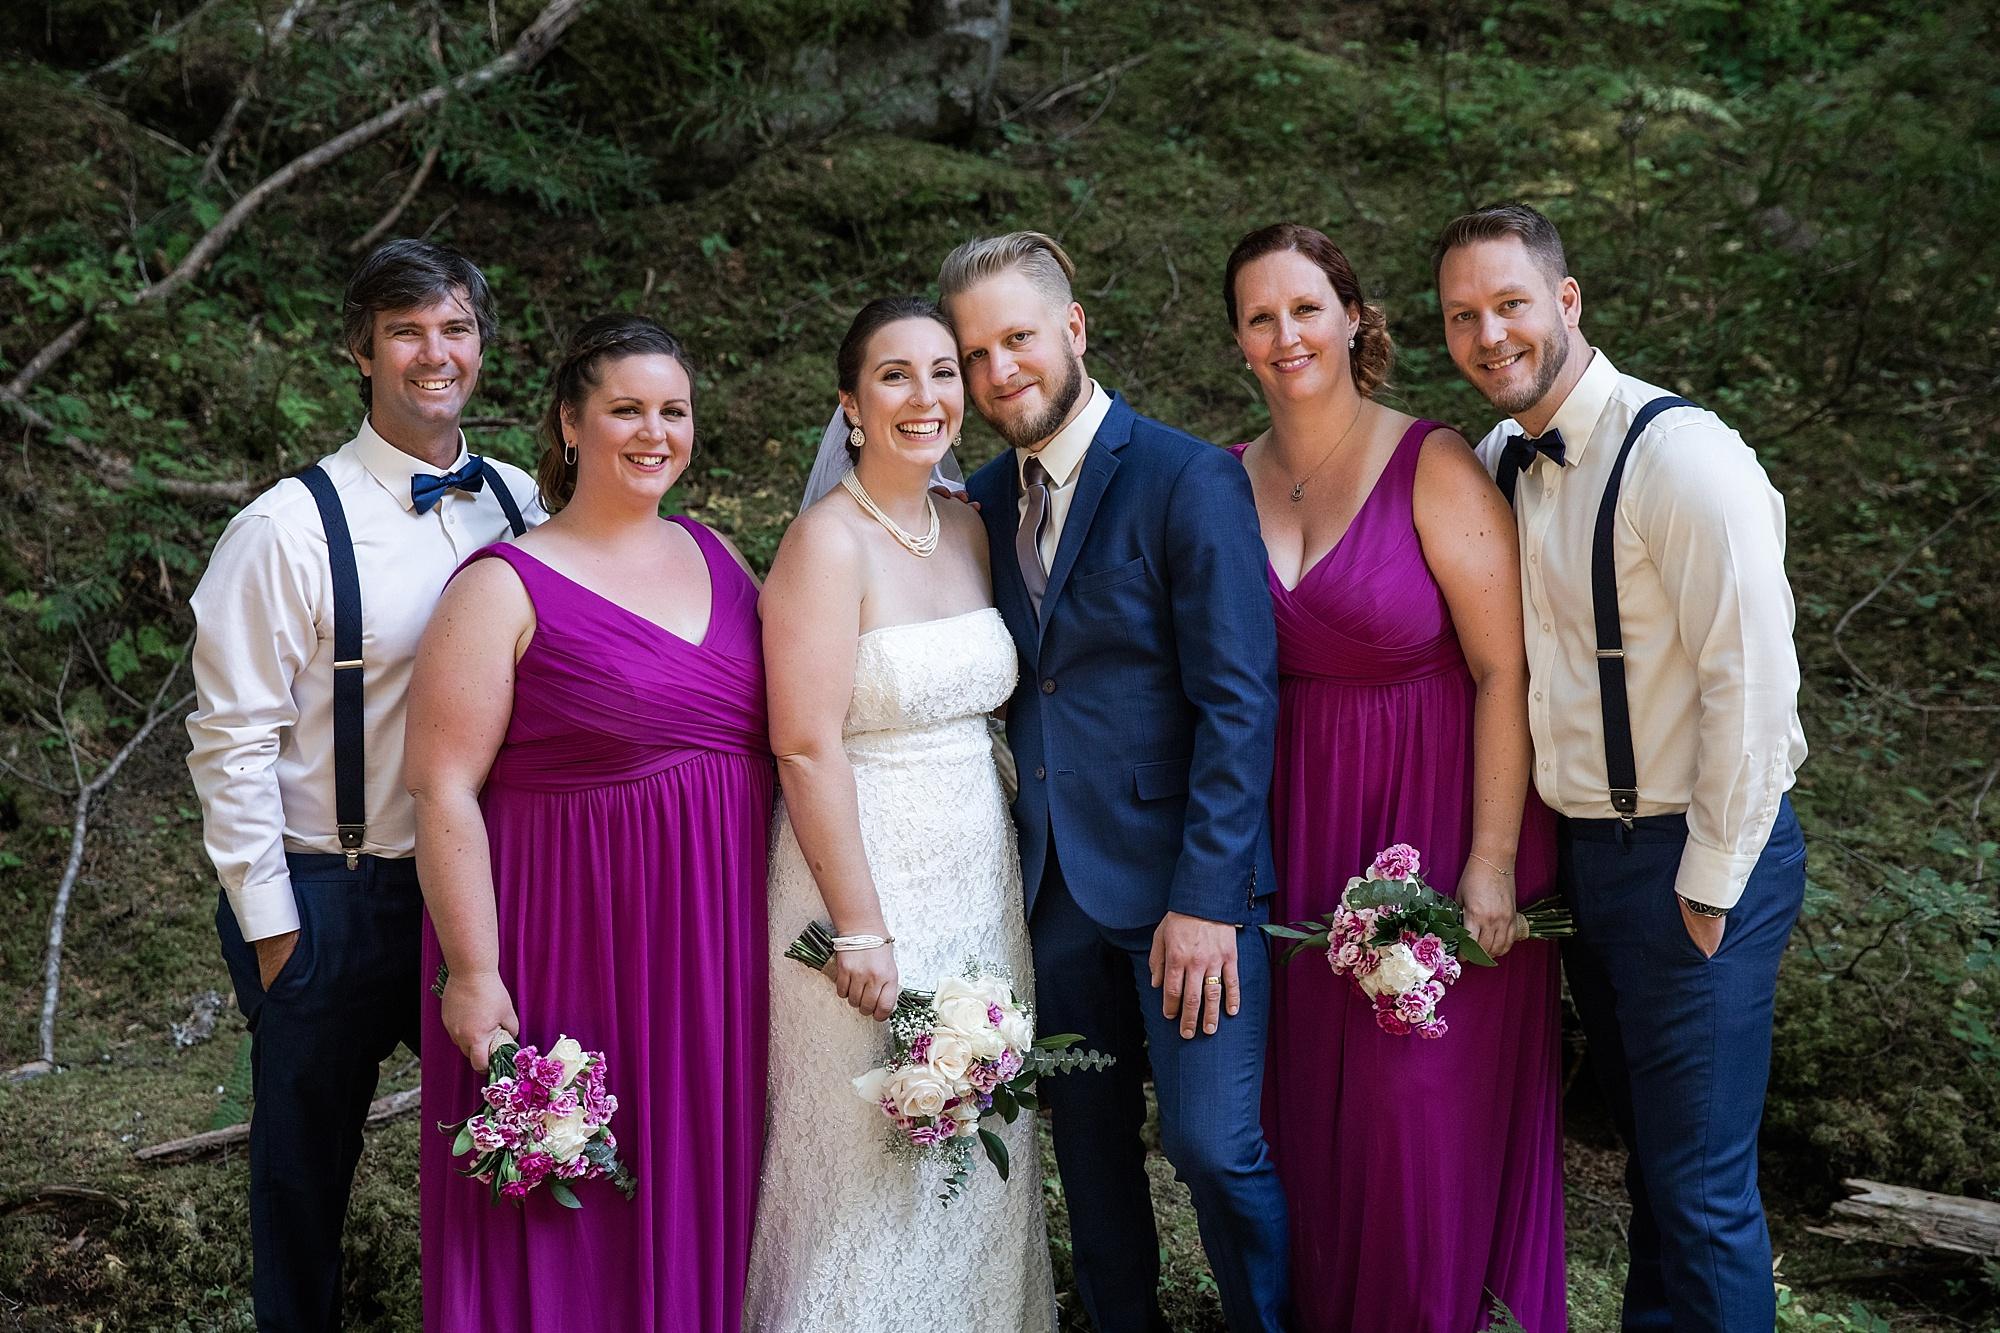 nakusp-wedding-photographer_0041.jpg